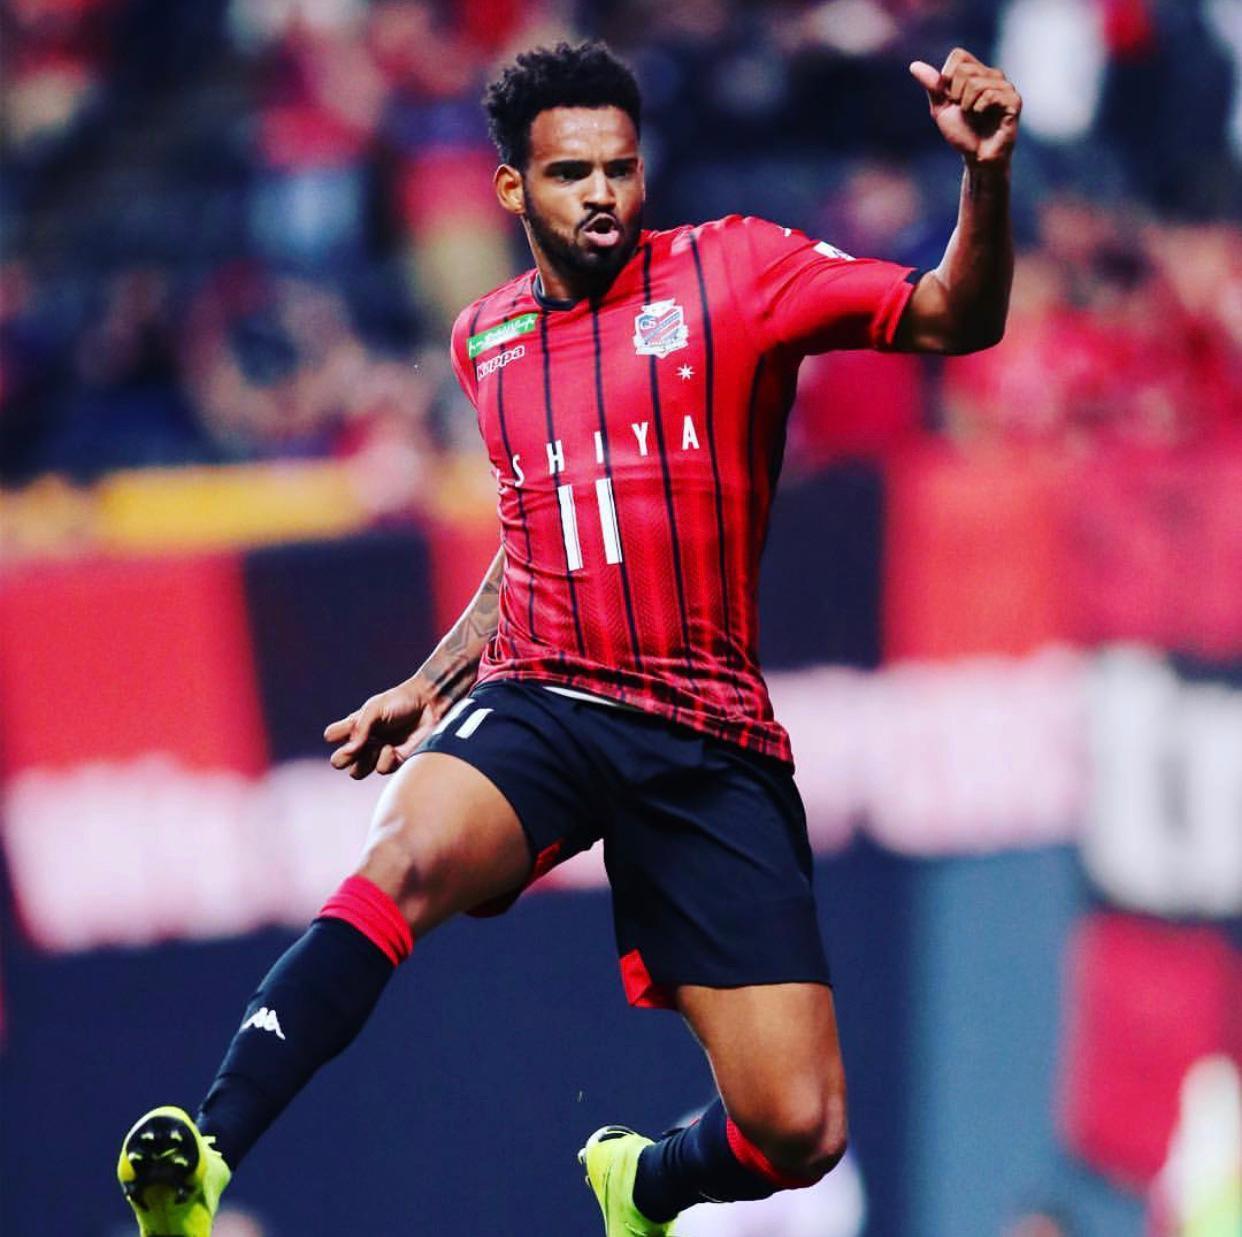 Entre as maiores médias de gols do Japão em 2019, Anderson Lopes valoriza números no país